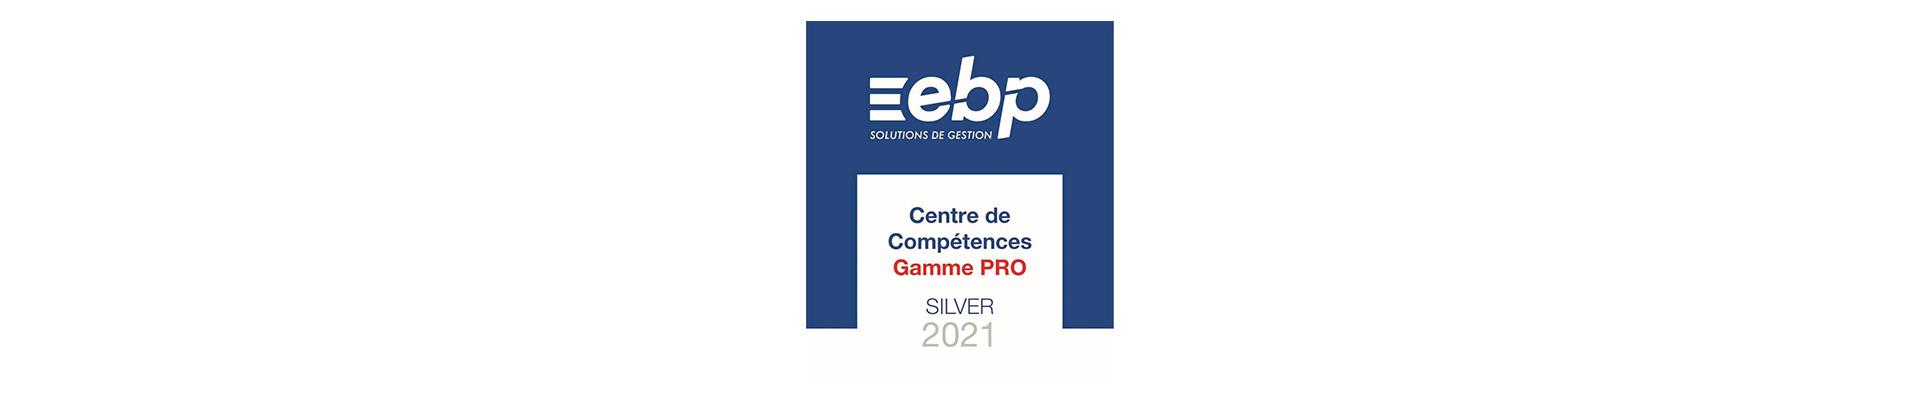 EBP centre silver 2021